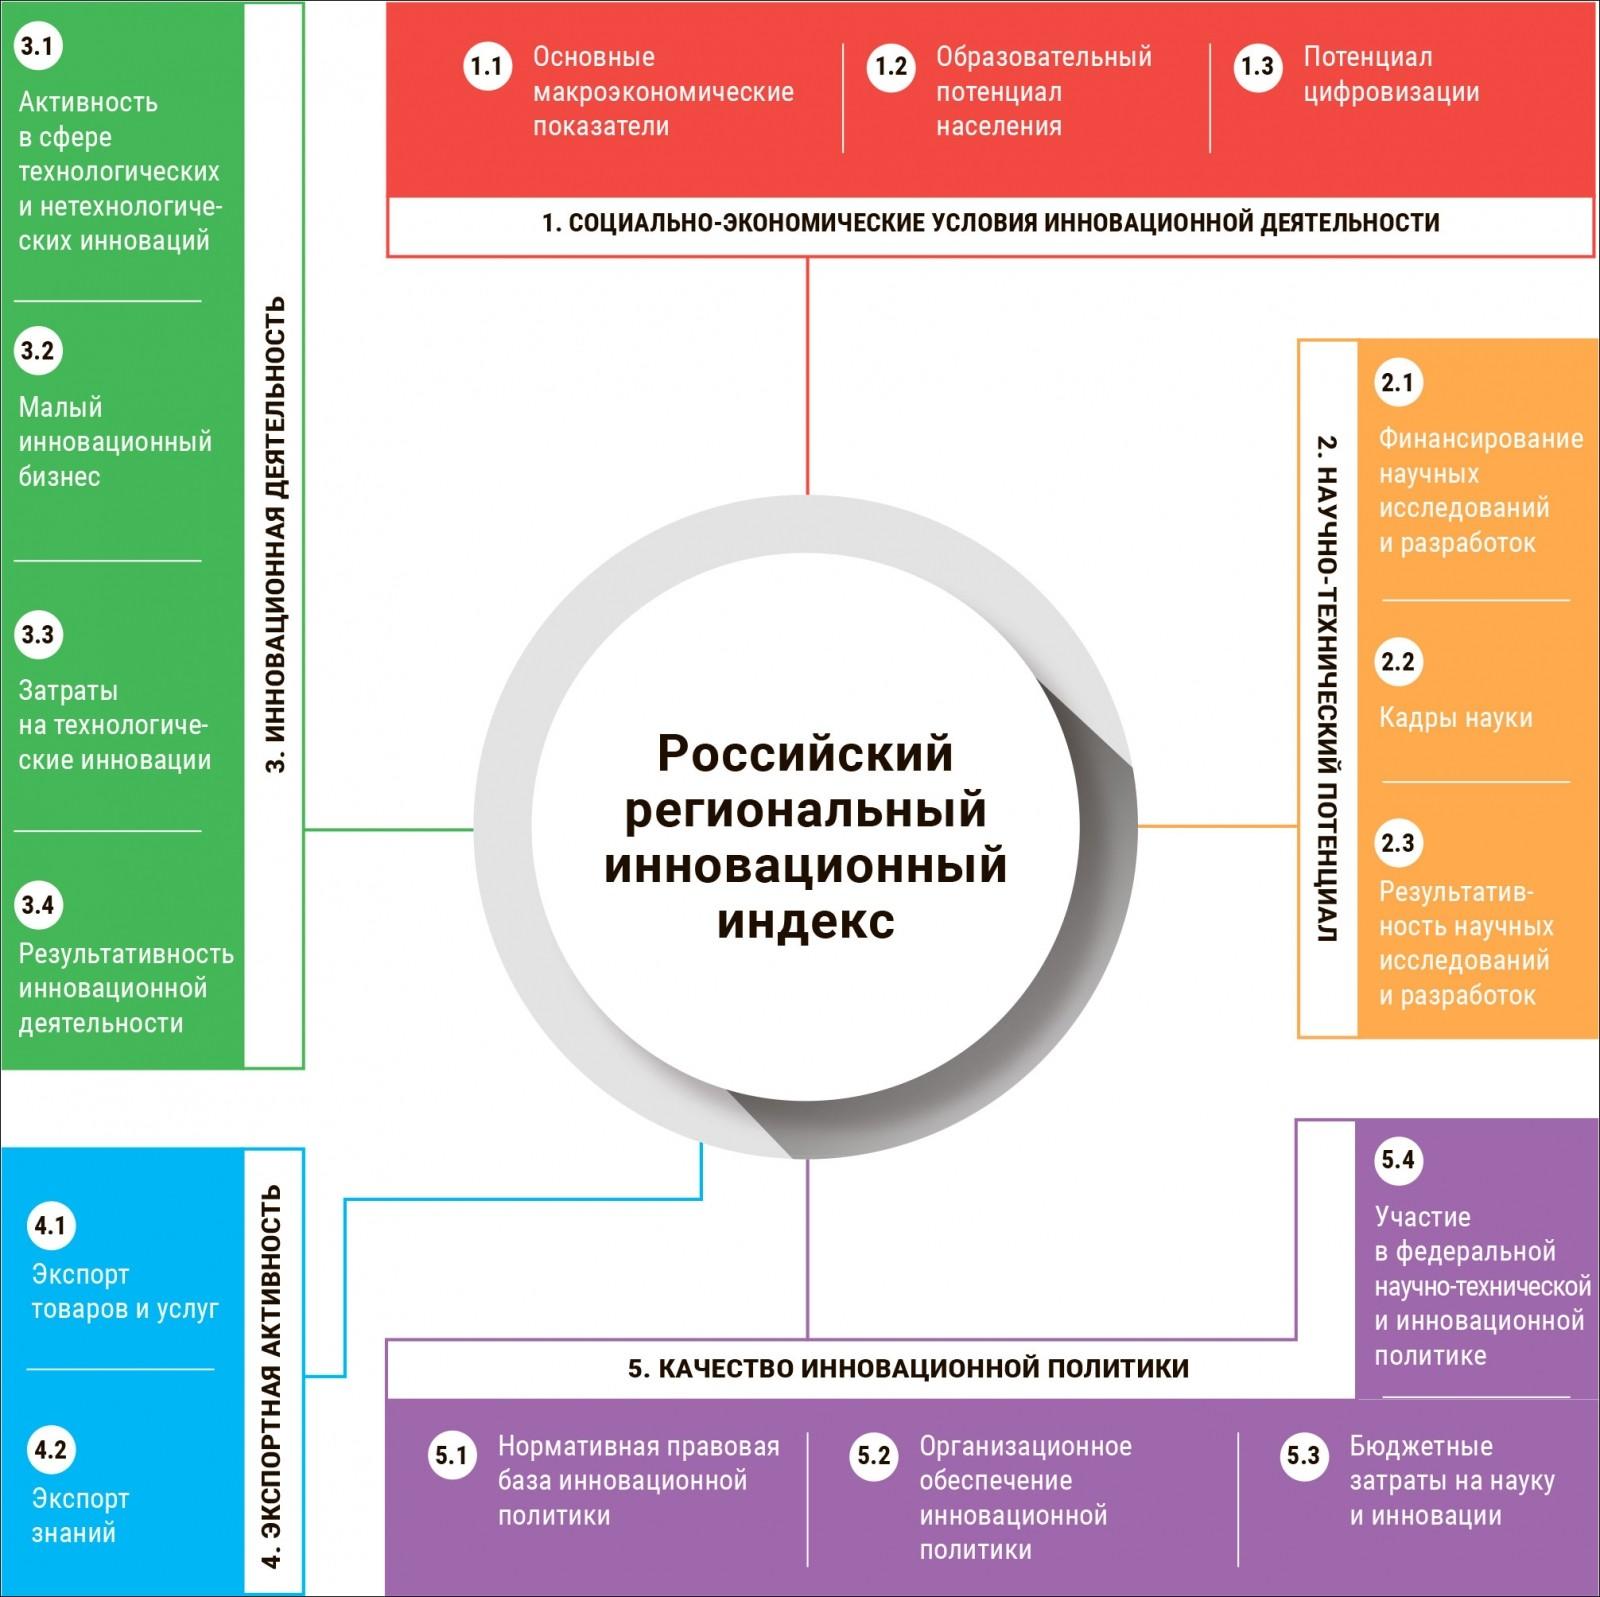 Опубликован «рейтинг инновационного развития» российских регионов